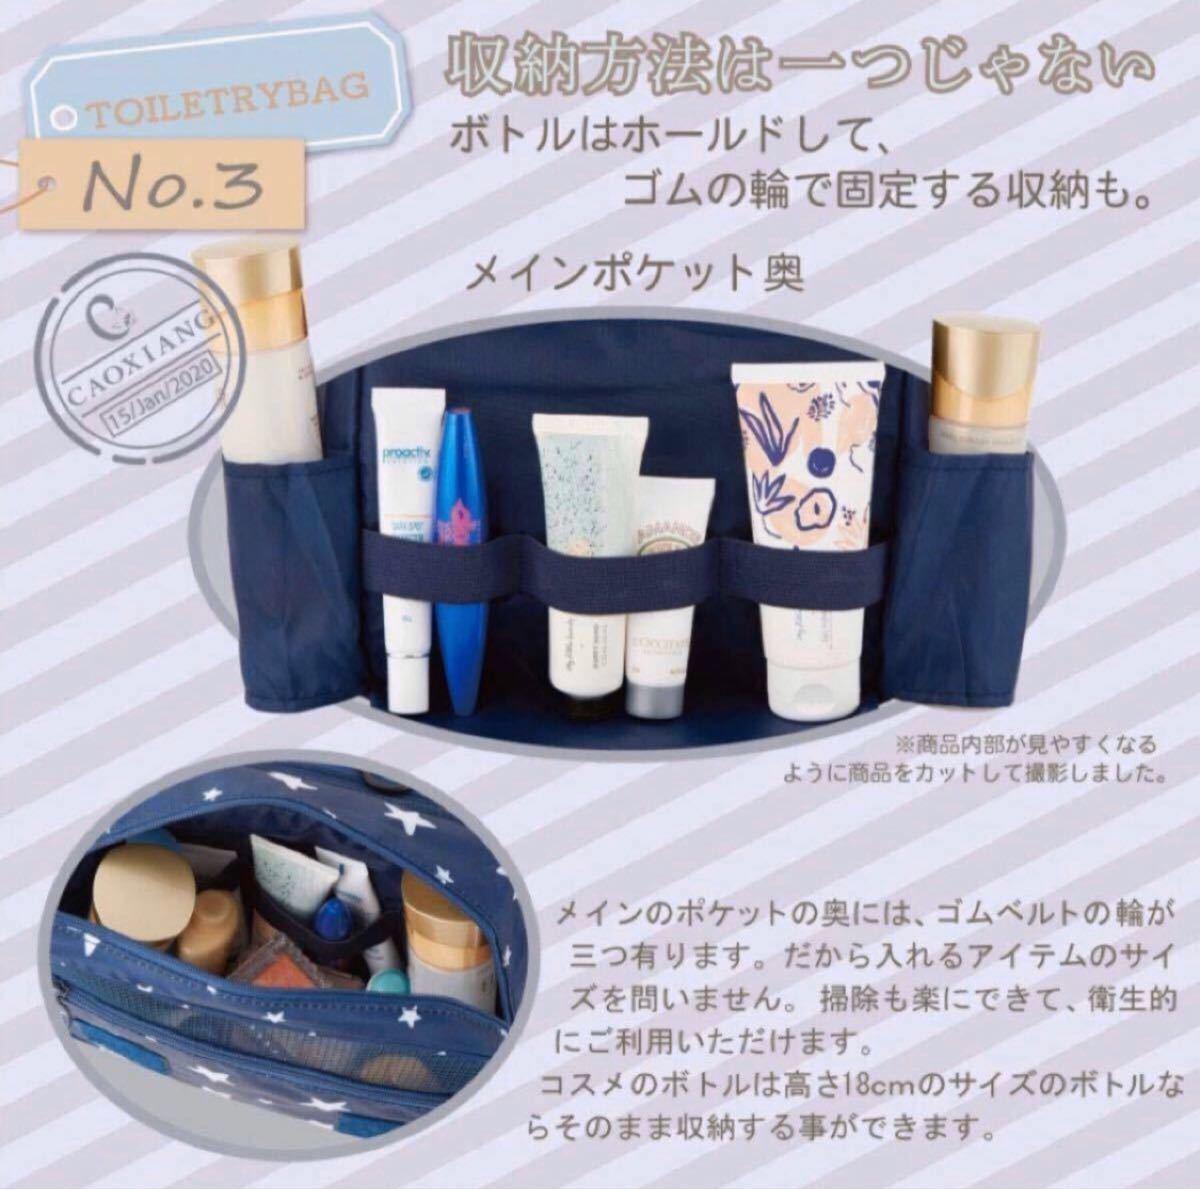 化粧ポーチ★トラブルグッズ・トイタリーバッグ・オムツポーチ・底板・防水★紺×白